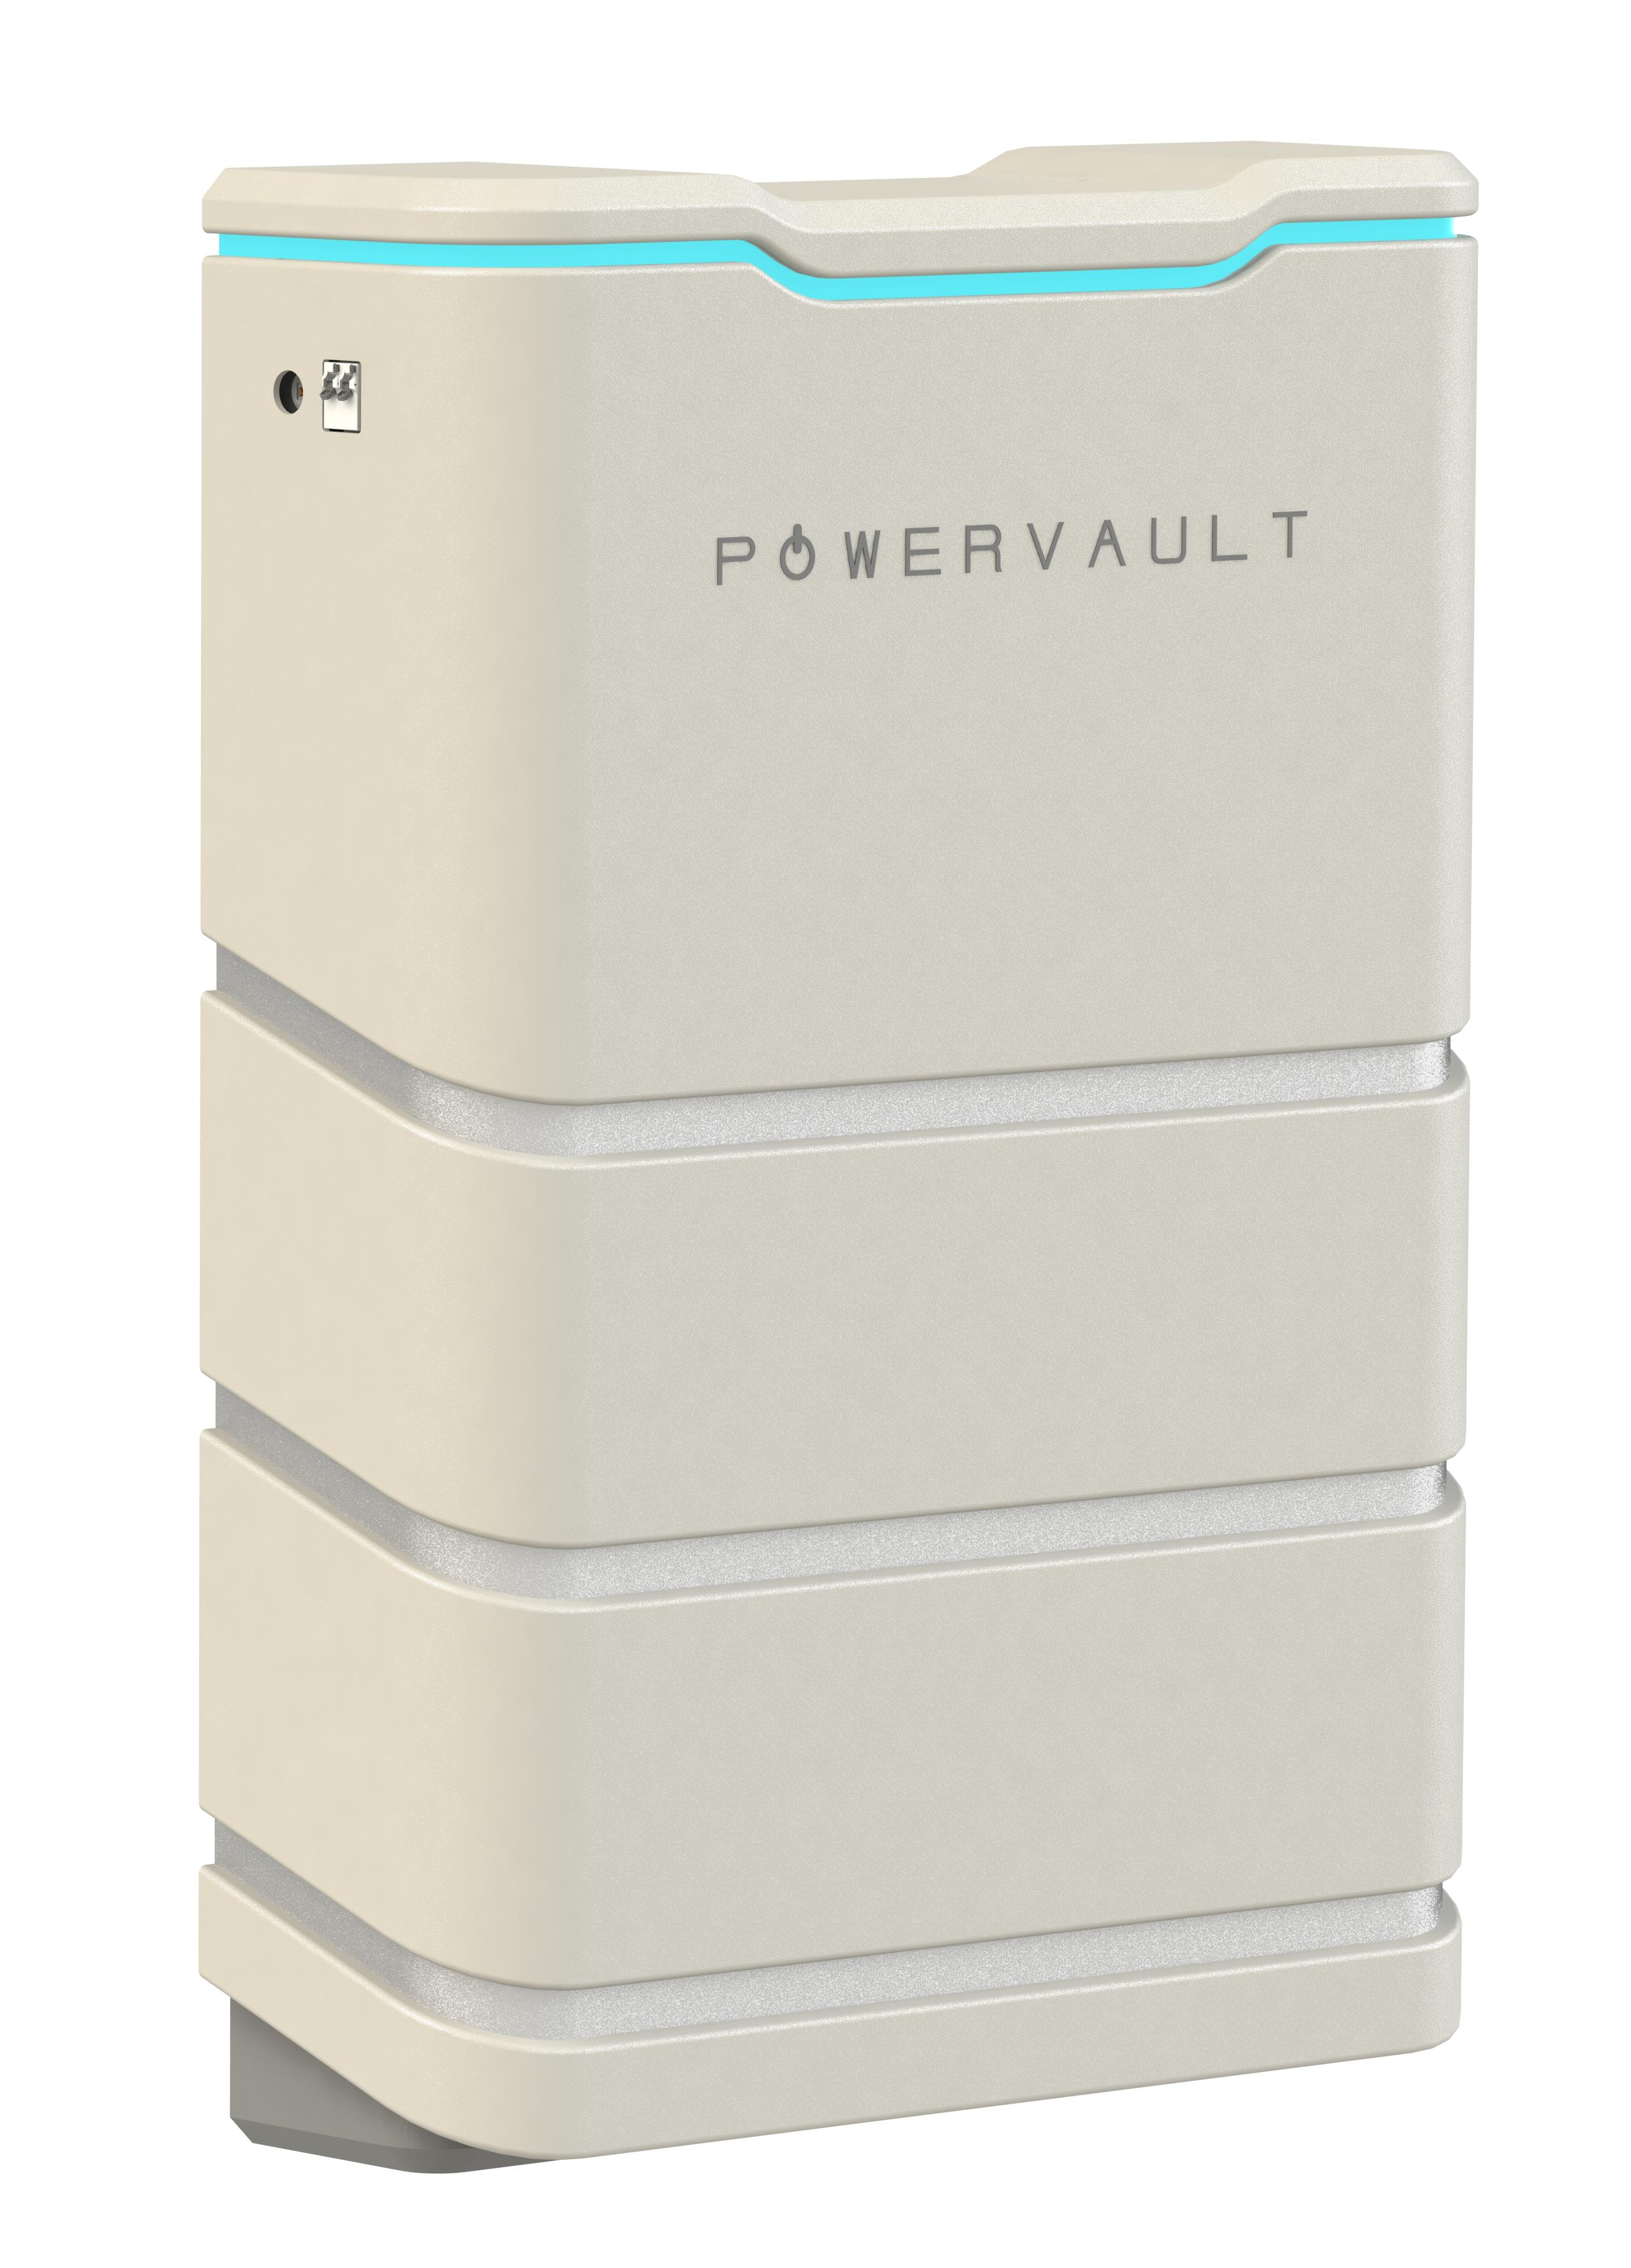 powervault 3-1